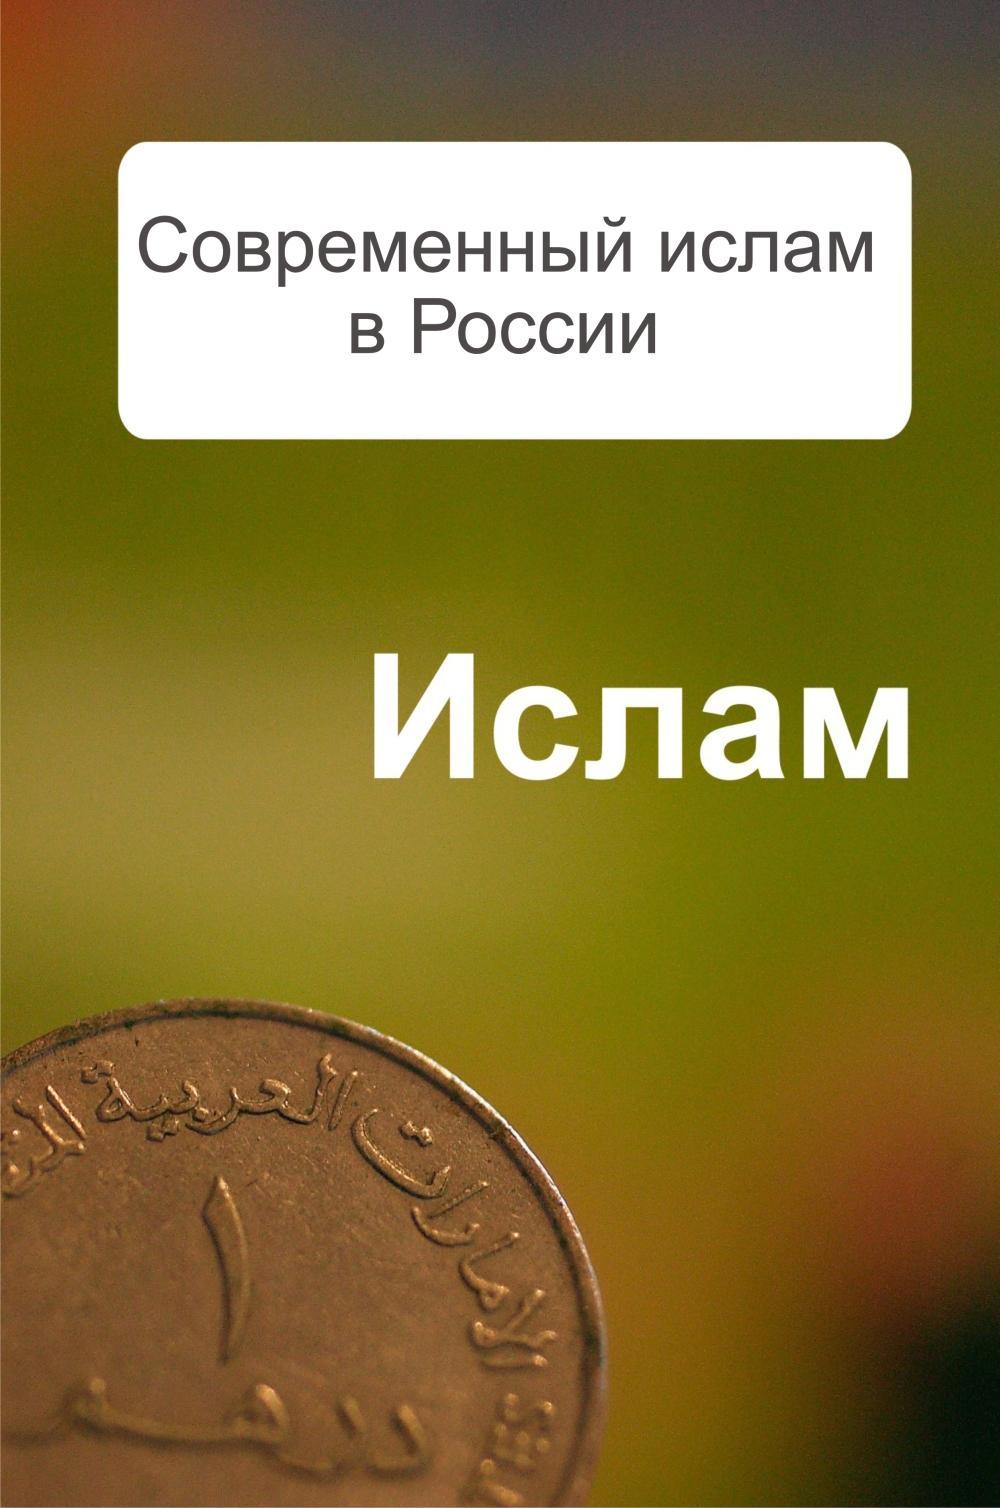 все цены на Александр Ханников Современный ислам в России онлайн